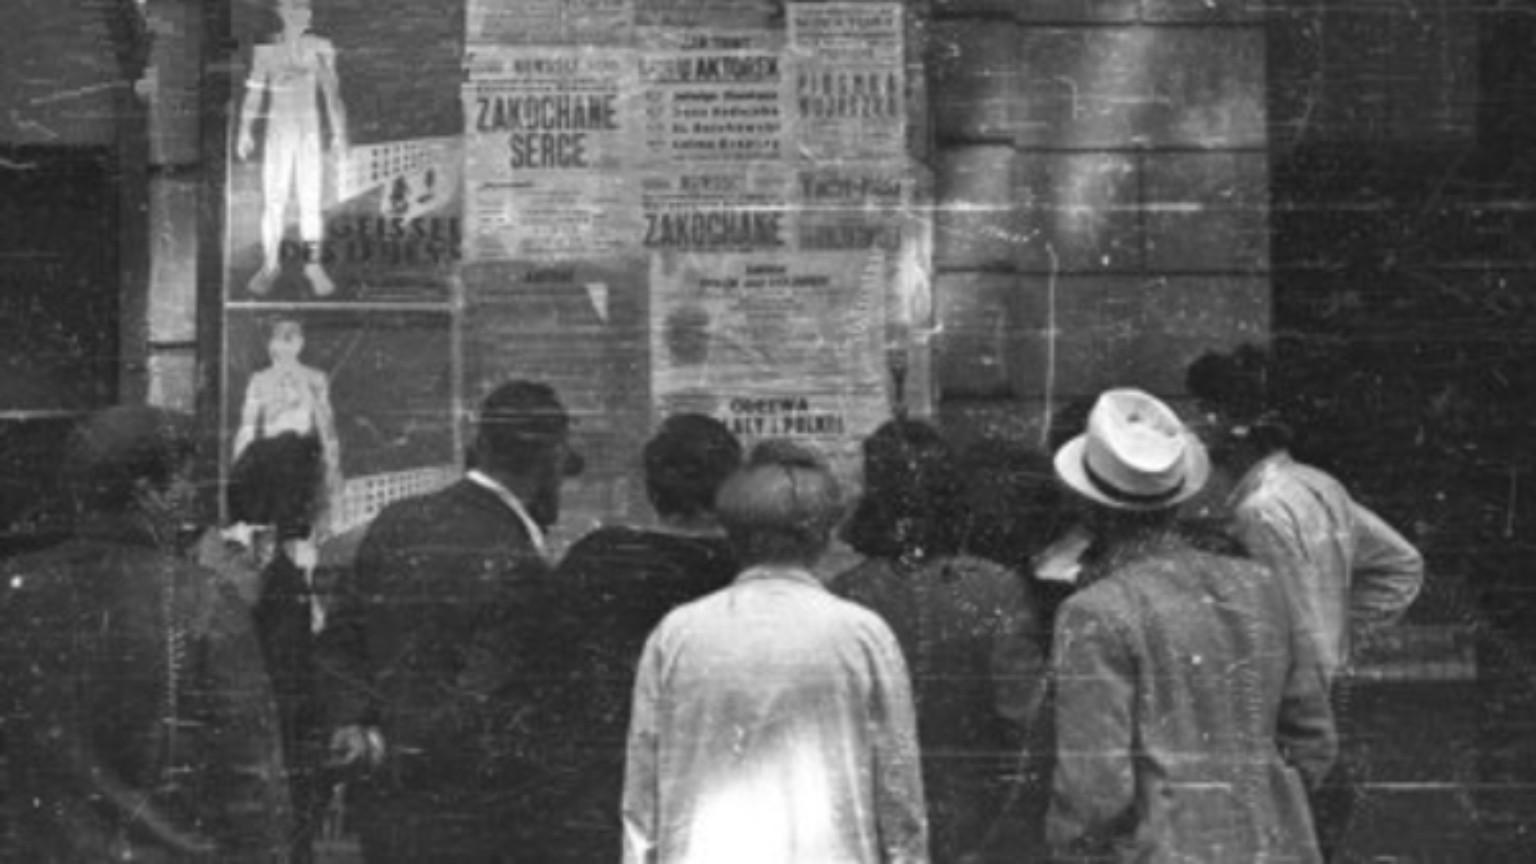 Zdjęcie dla kartki: Spektakularny bojkot niemieckiego zarządzenia